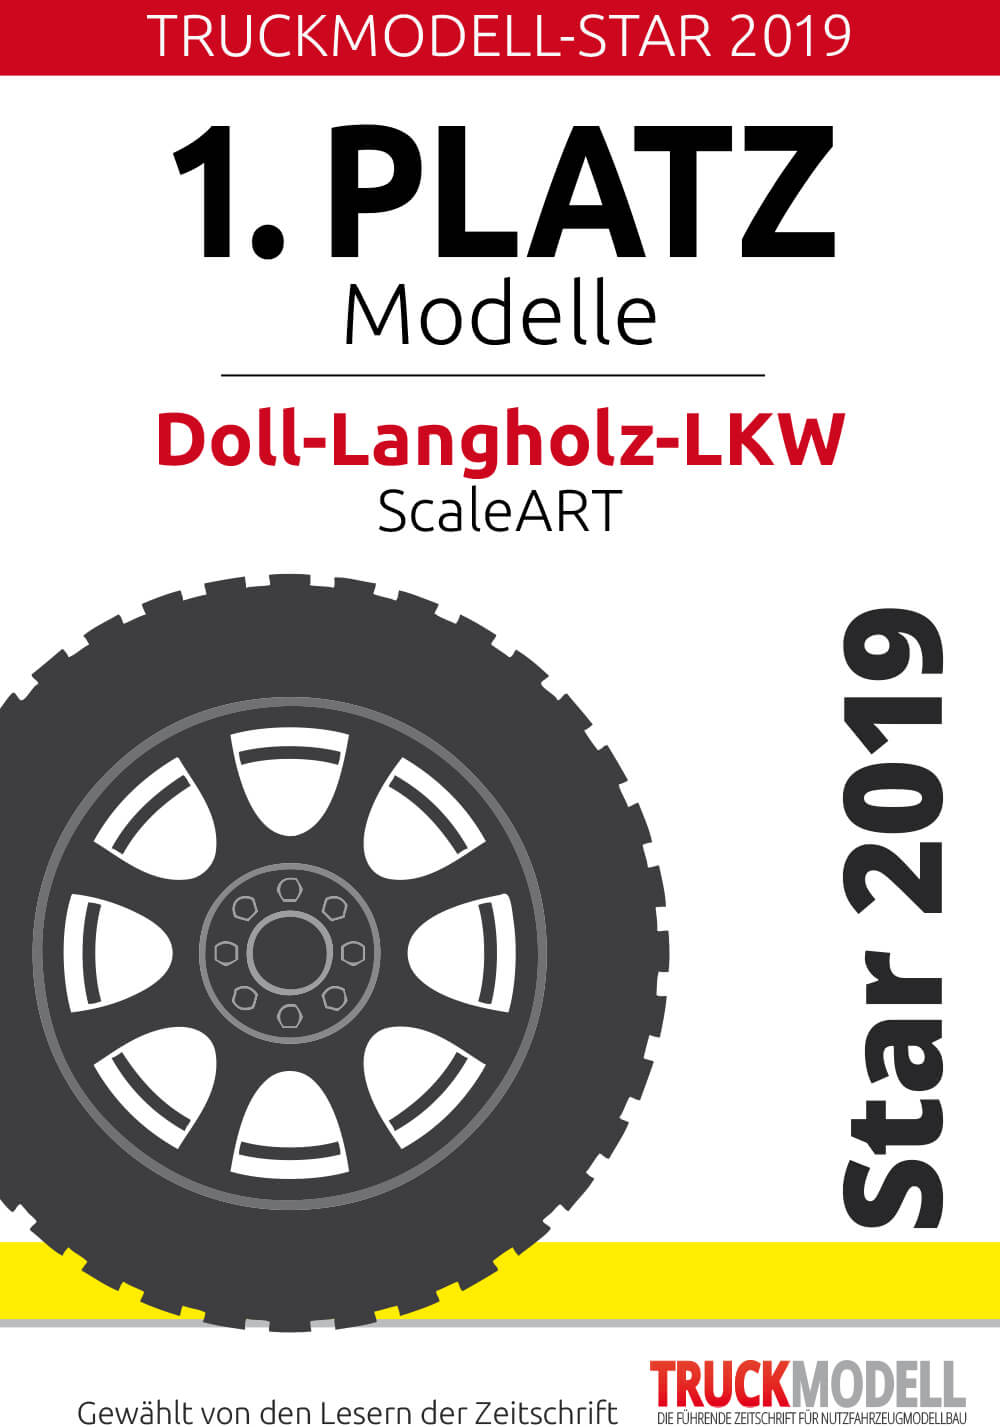 Auszeichnung: TruckModell-Star 2019 für Doll-Langholz-LKW